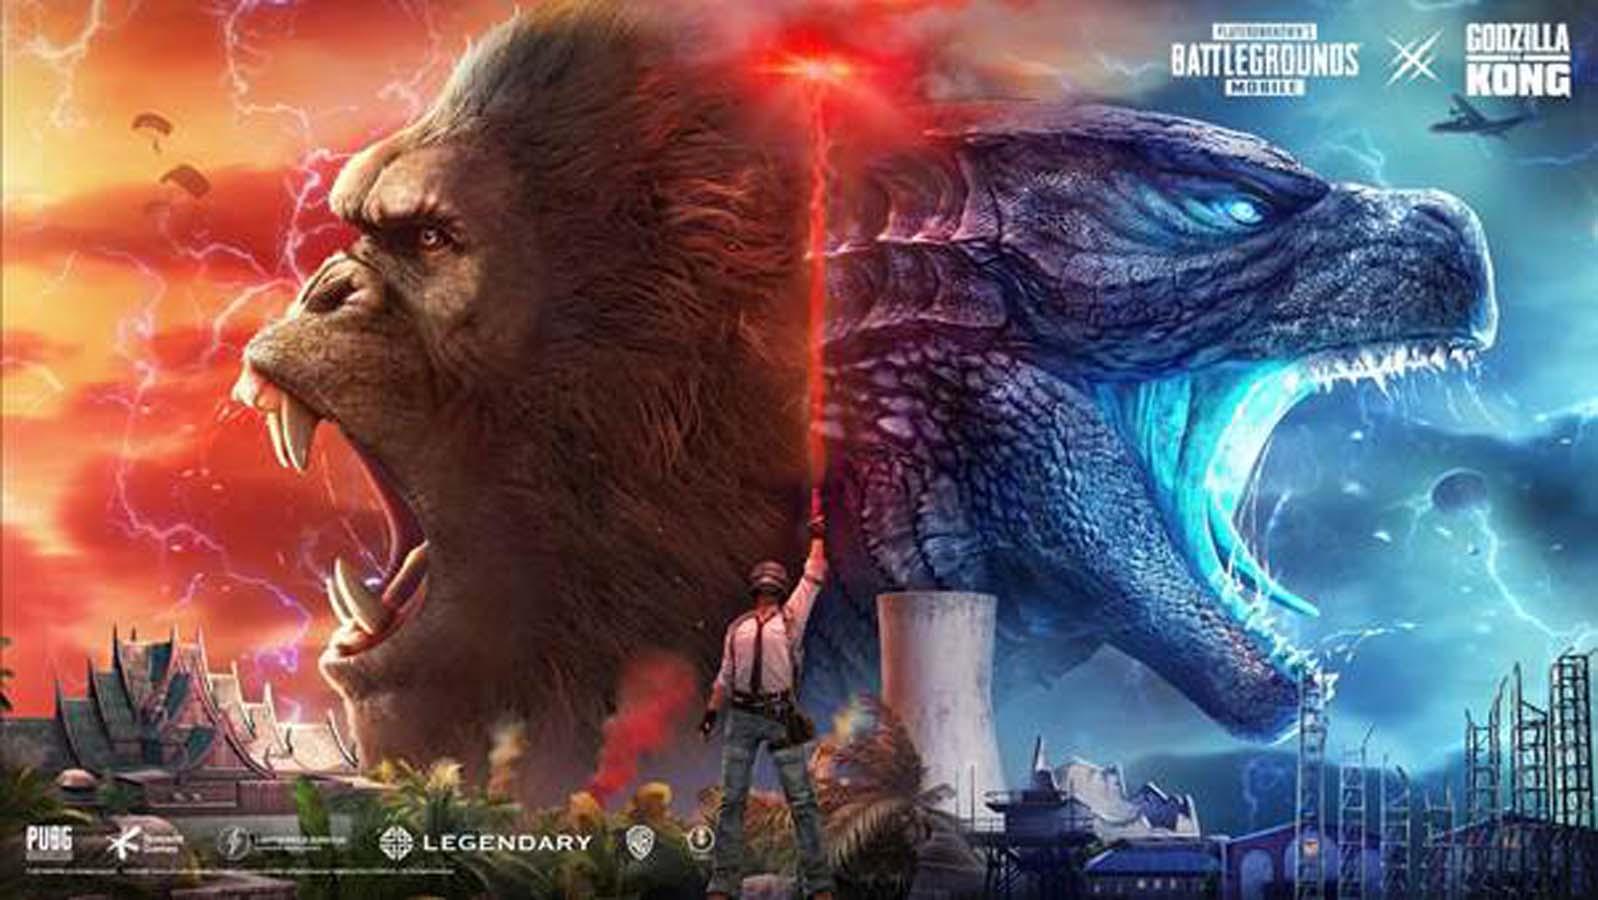 PUBG MOBILE adds Godzilla vs. Kong